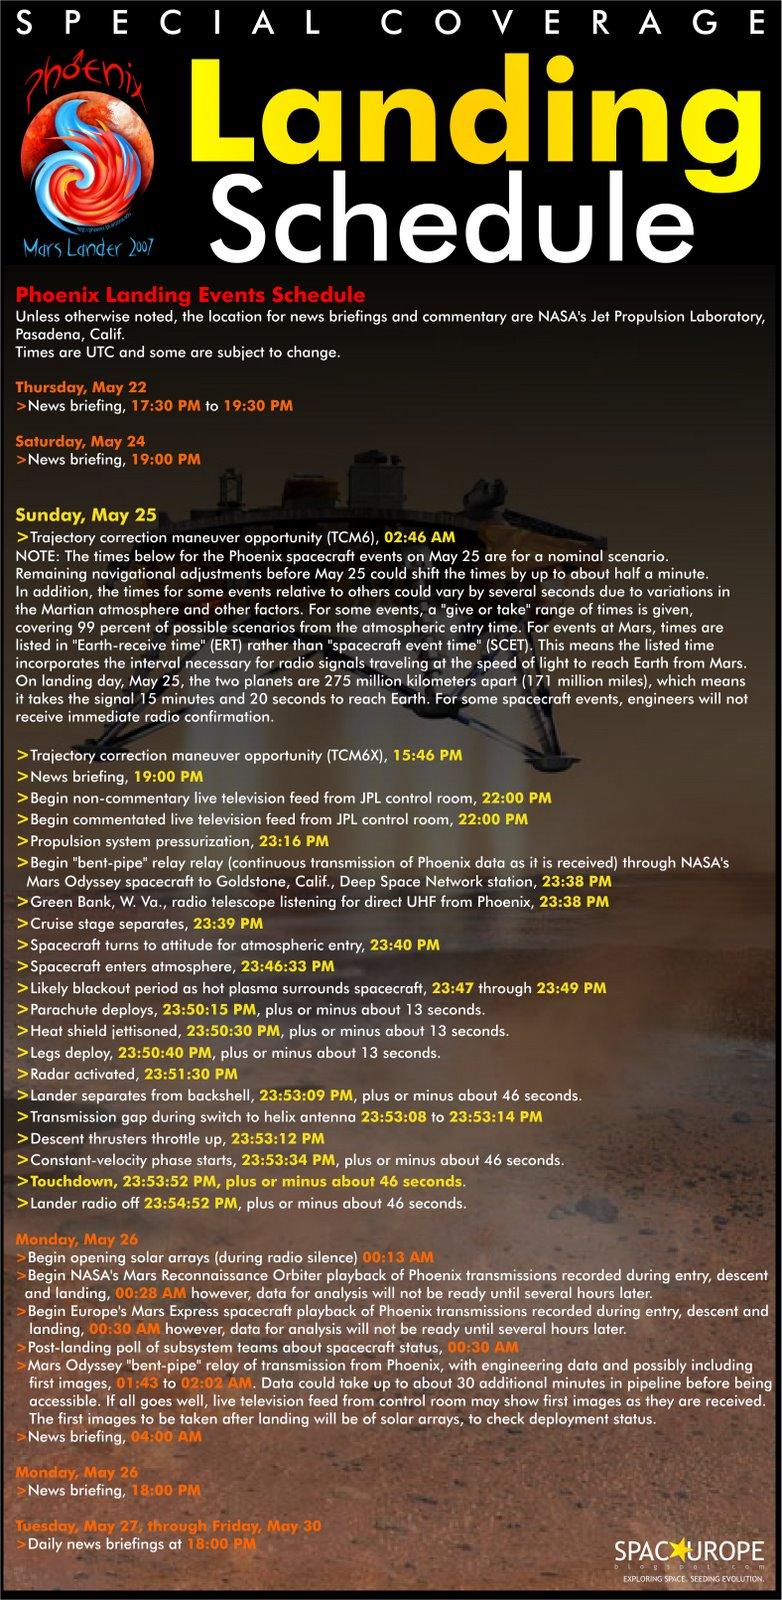 [landing_Schedule.jpg]